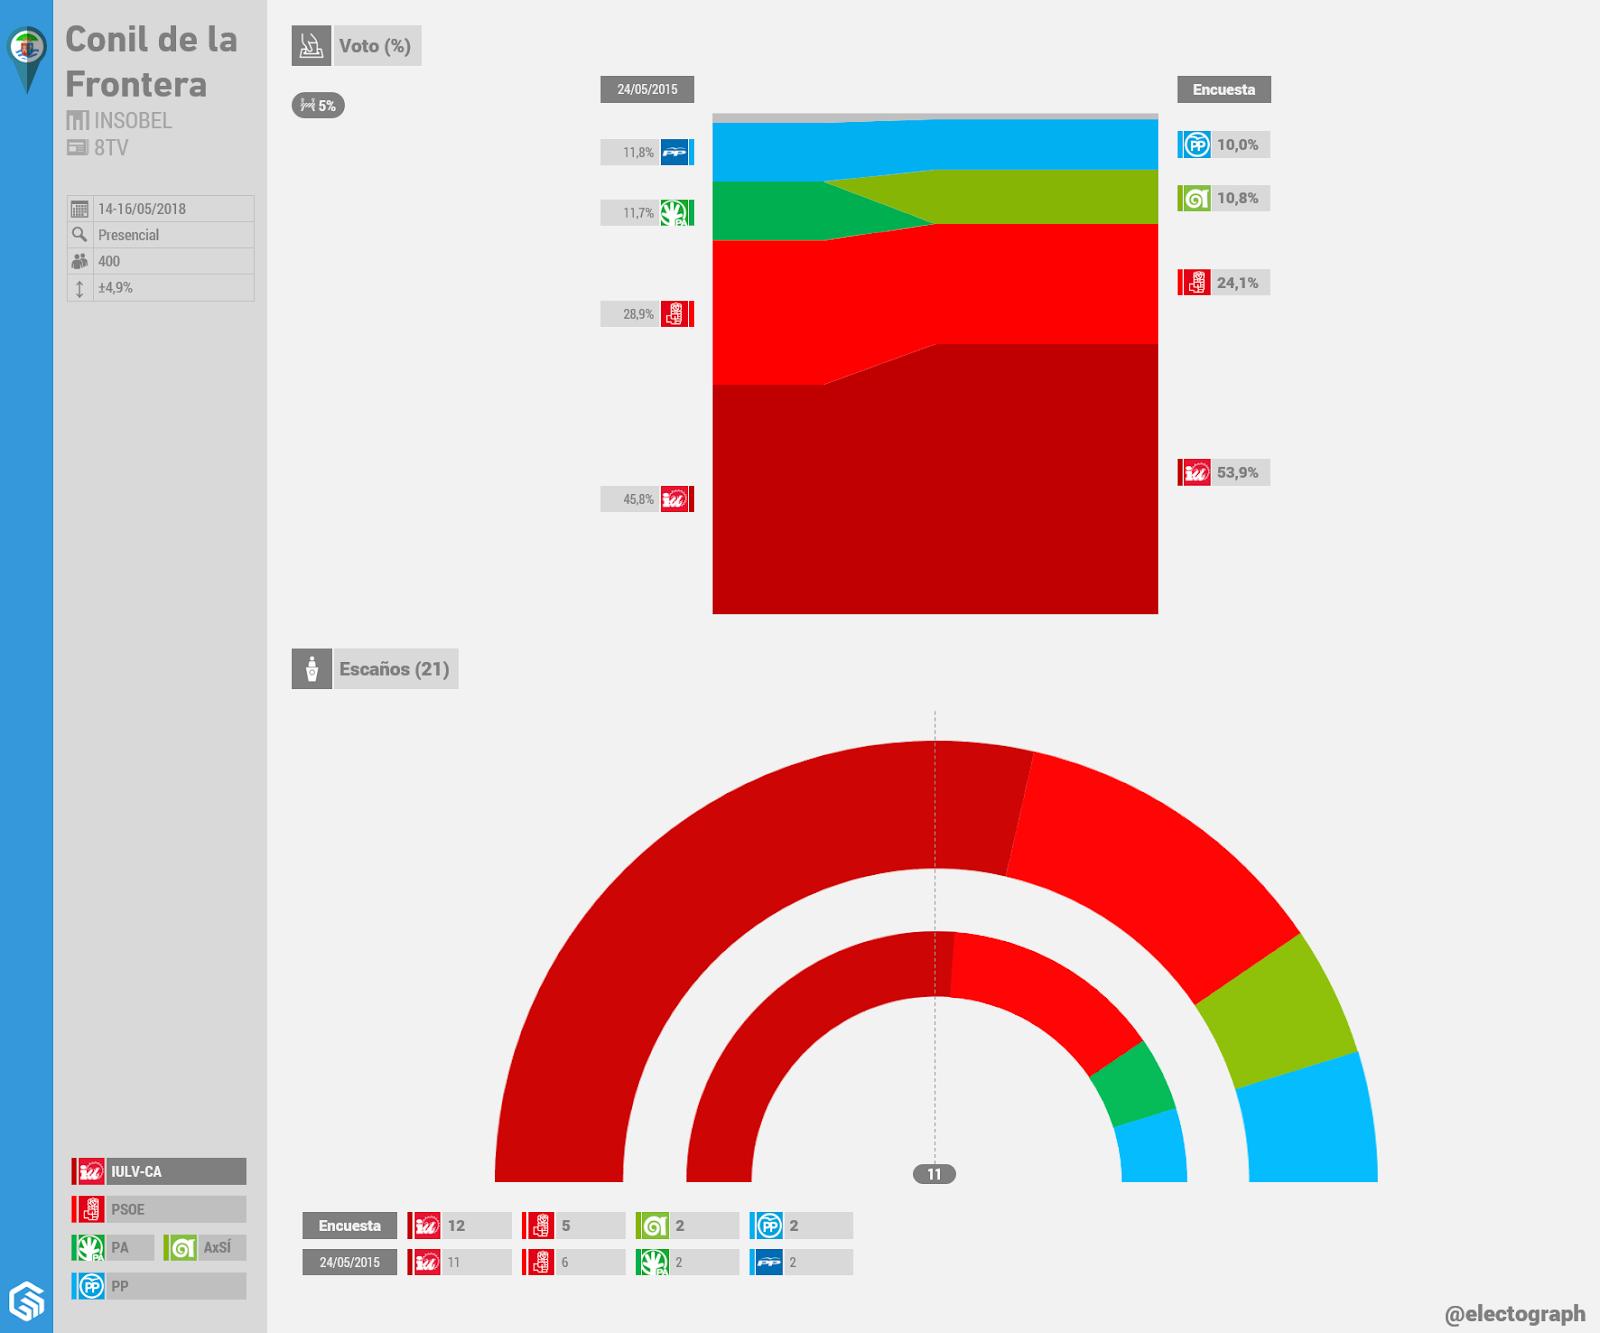 Gráfico de la encuesta para elecciones municipales en Conil de la Frontera realizada por Insobel para 8TV en mayo de 2018